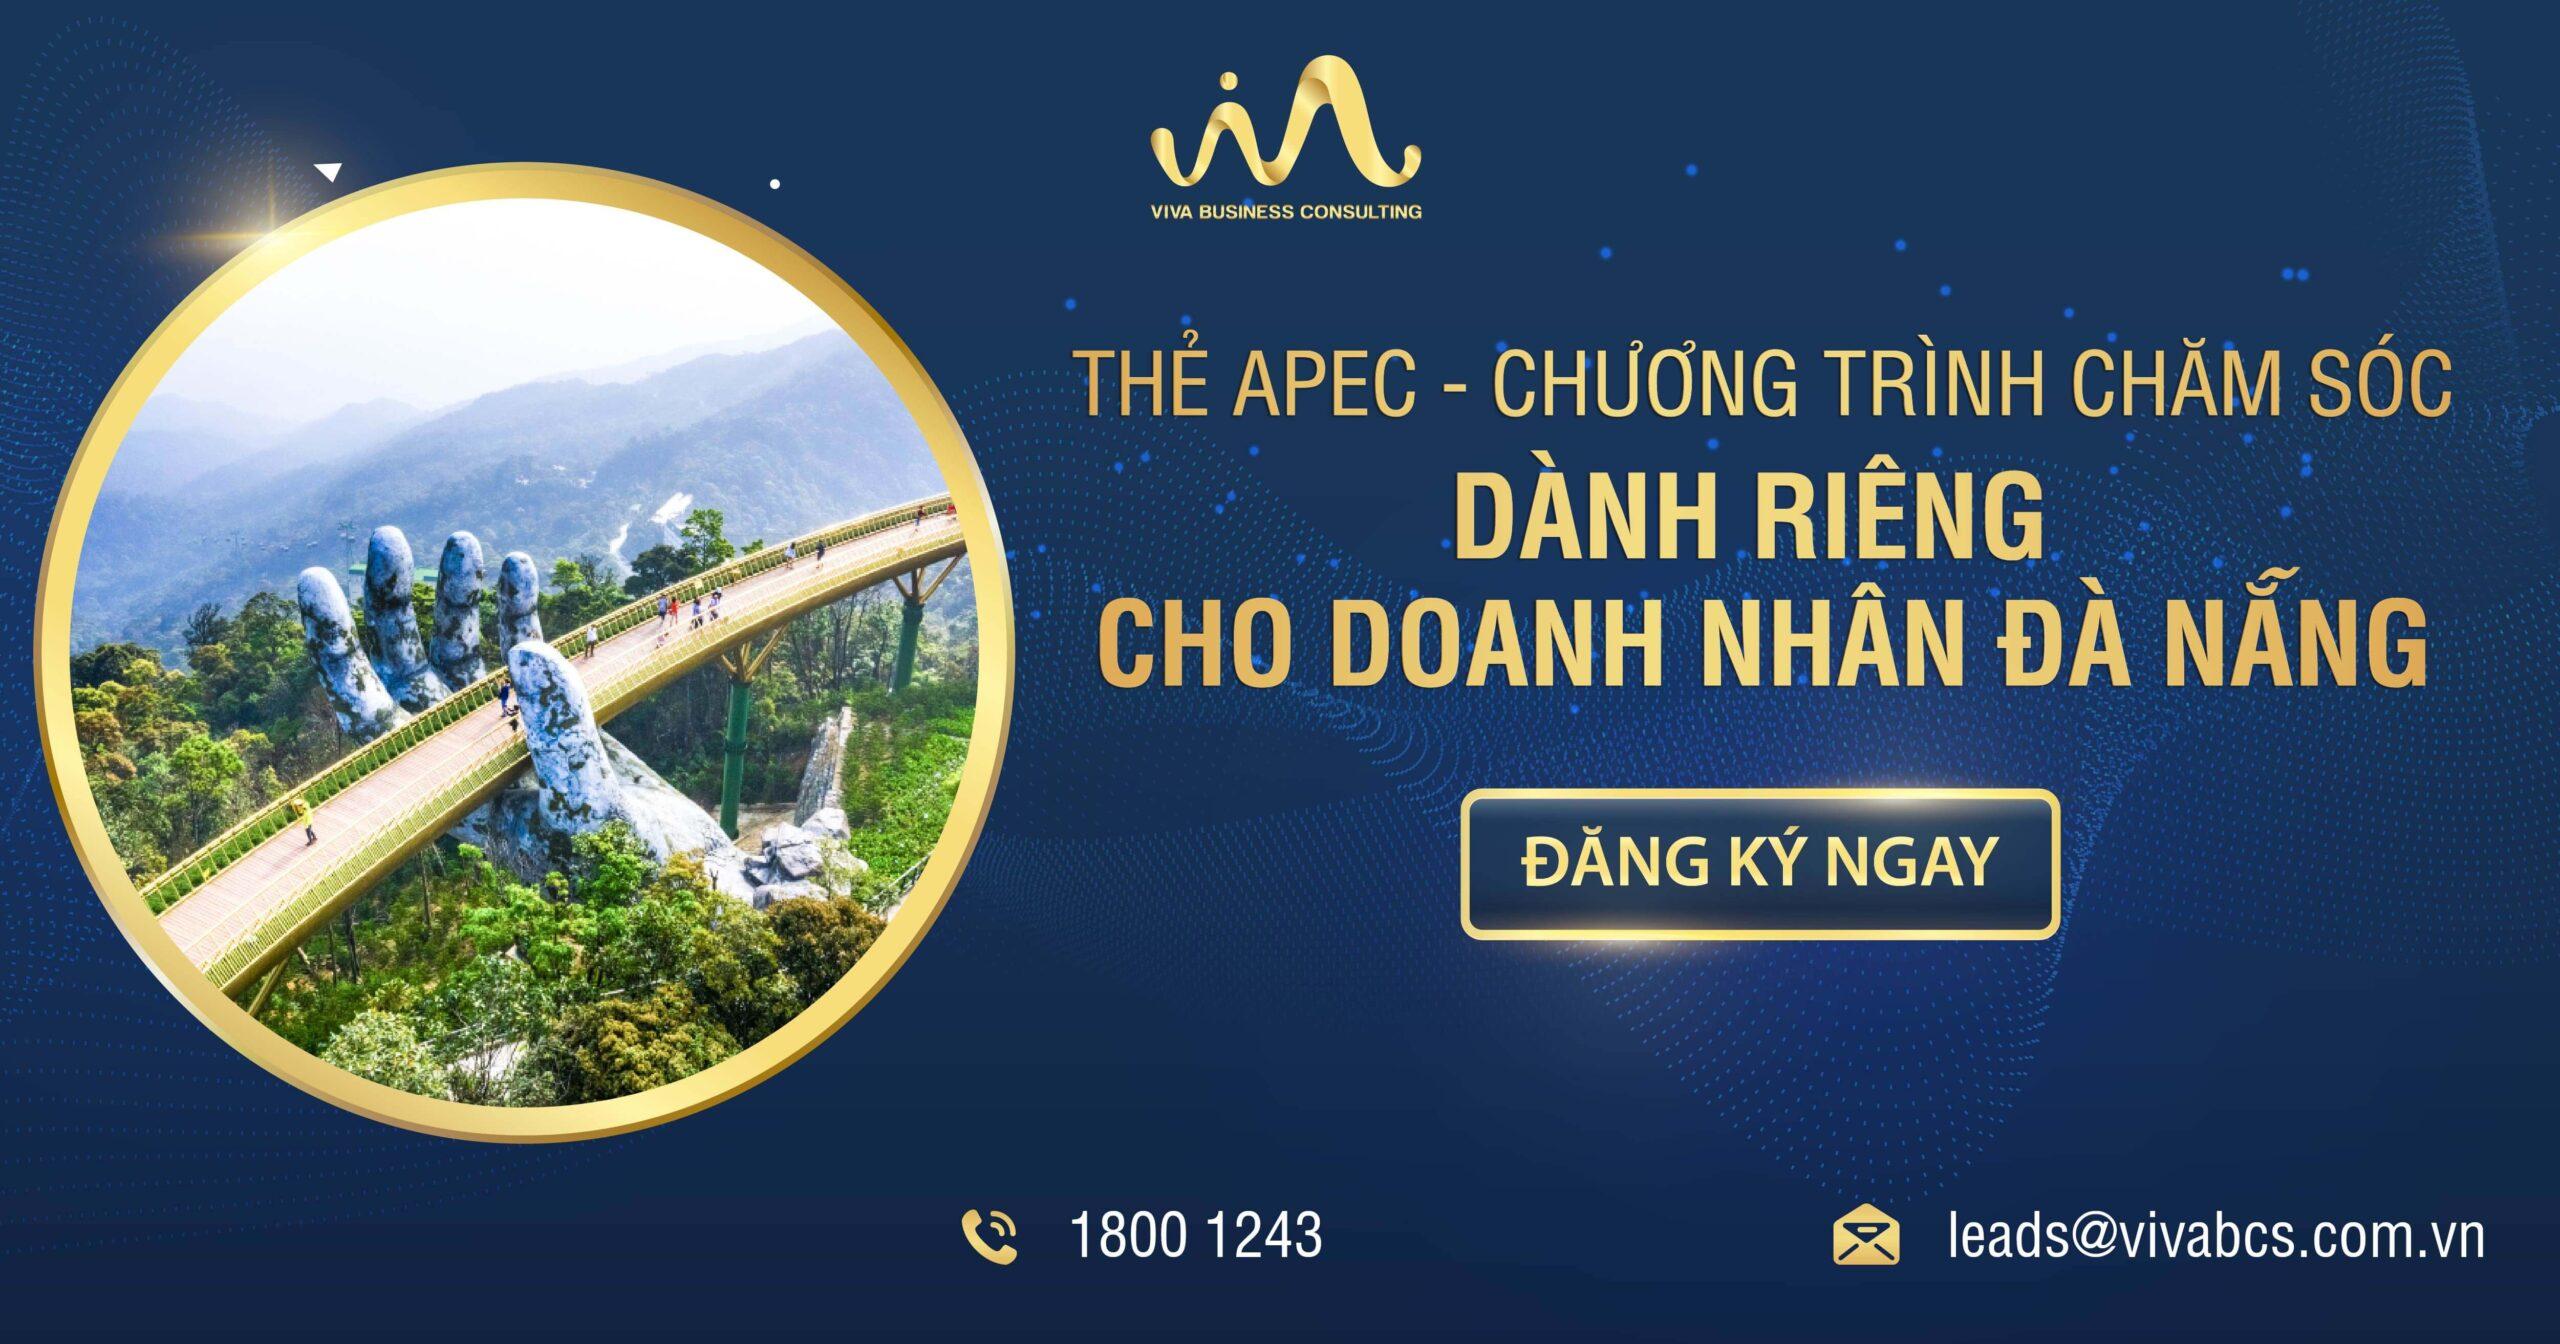 Thẻ APEC cùng doanh nhân Đà Nẵng